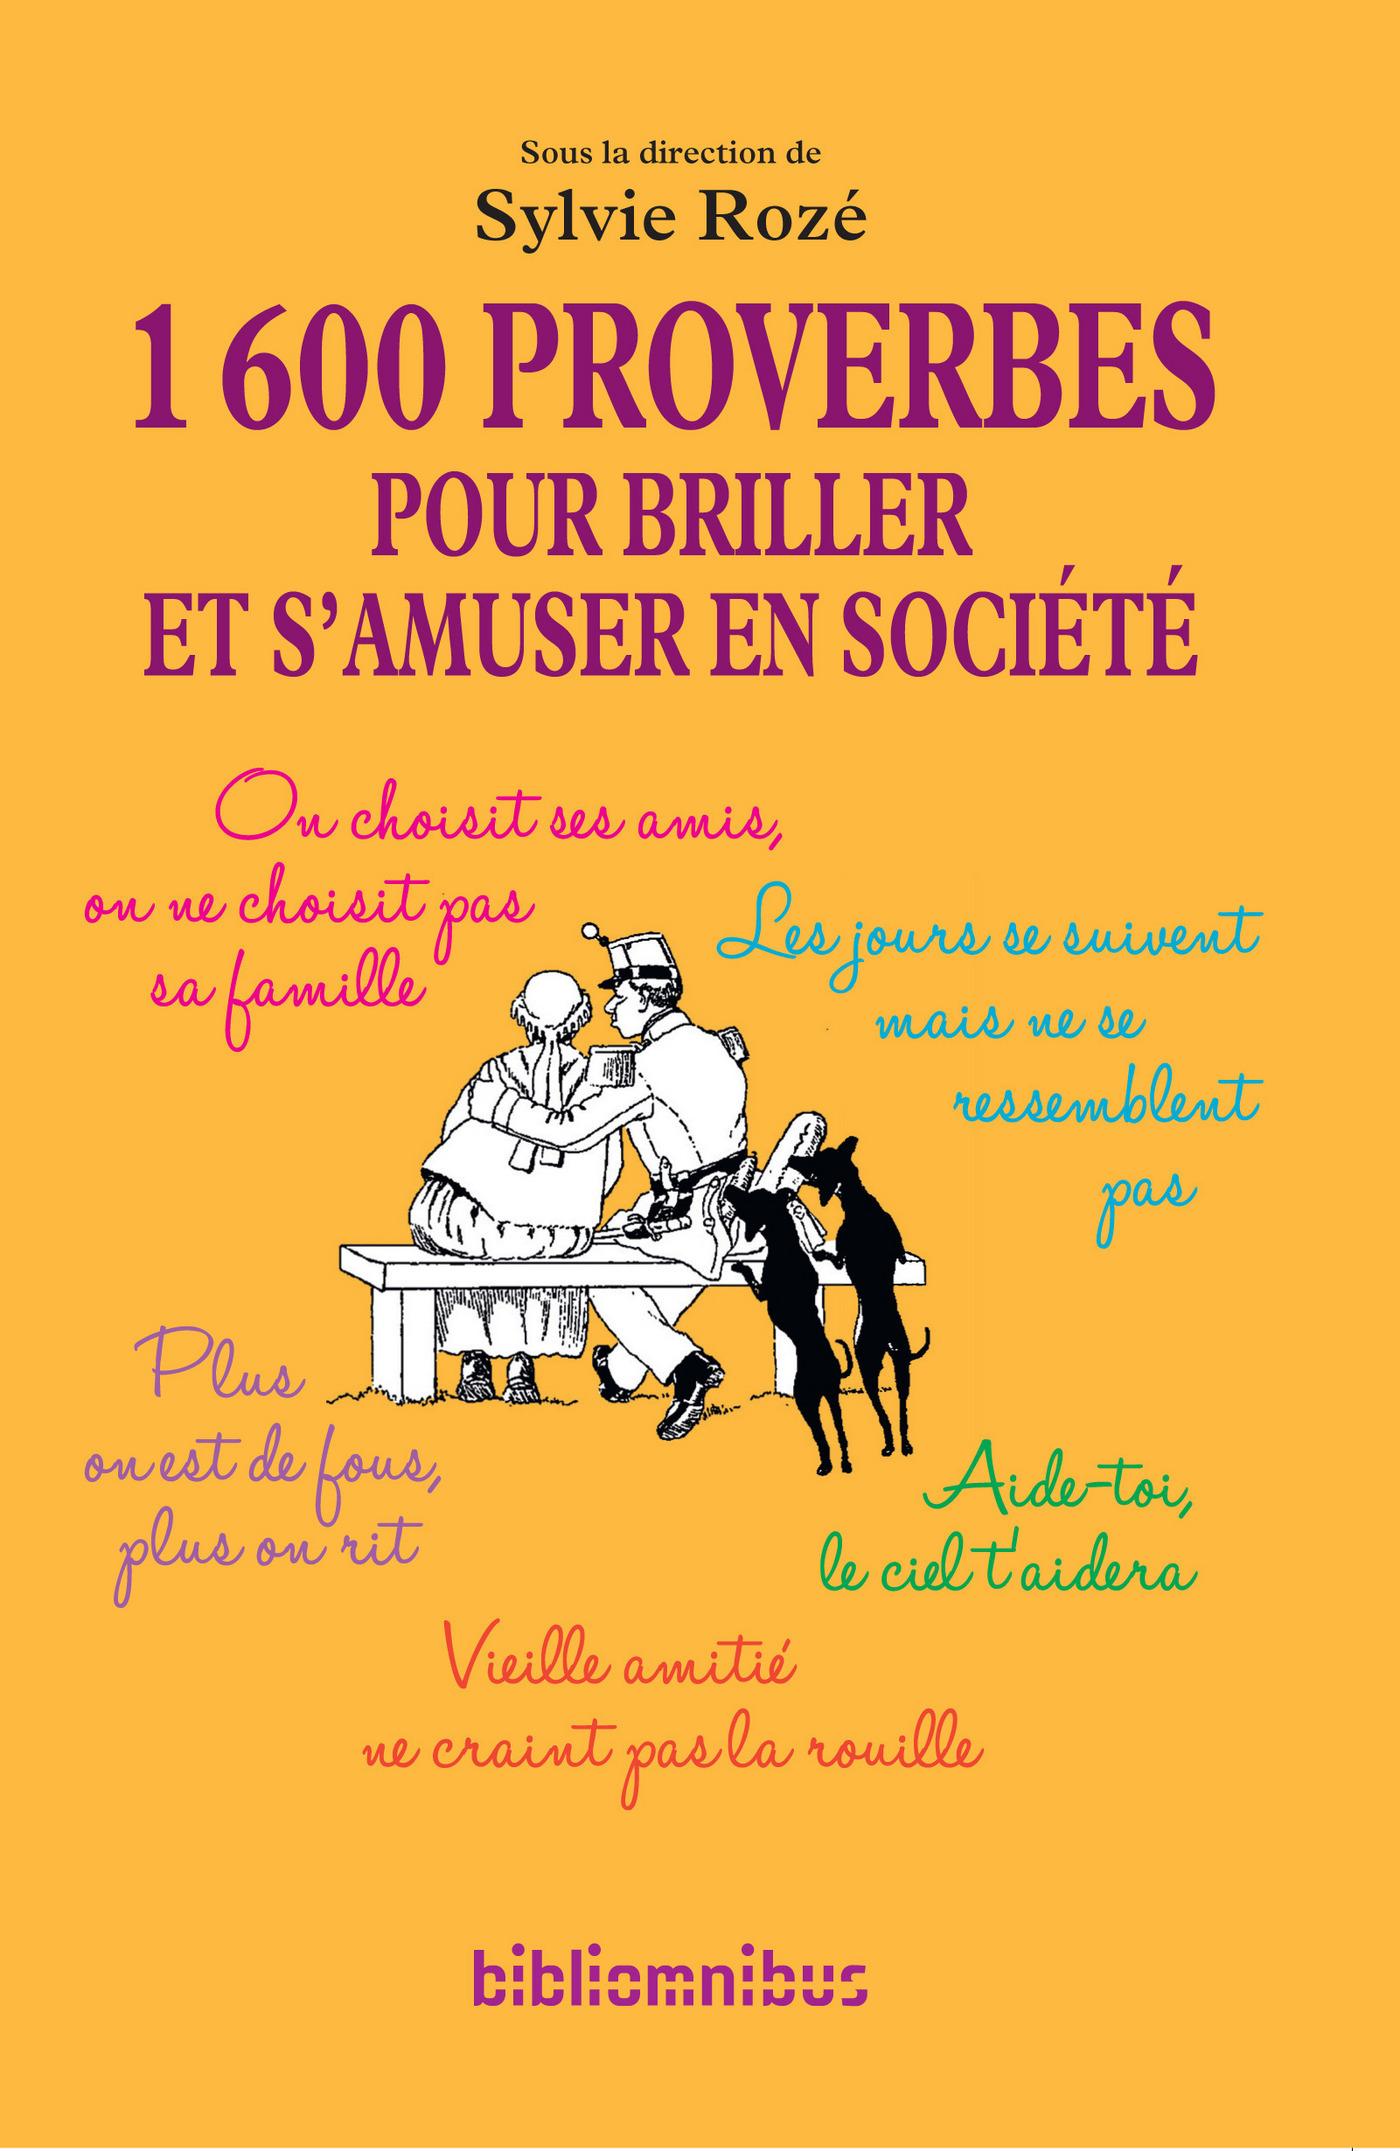 1600 proverbes pour briller et s'amuser en société (N. éd.)